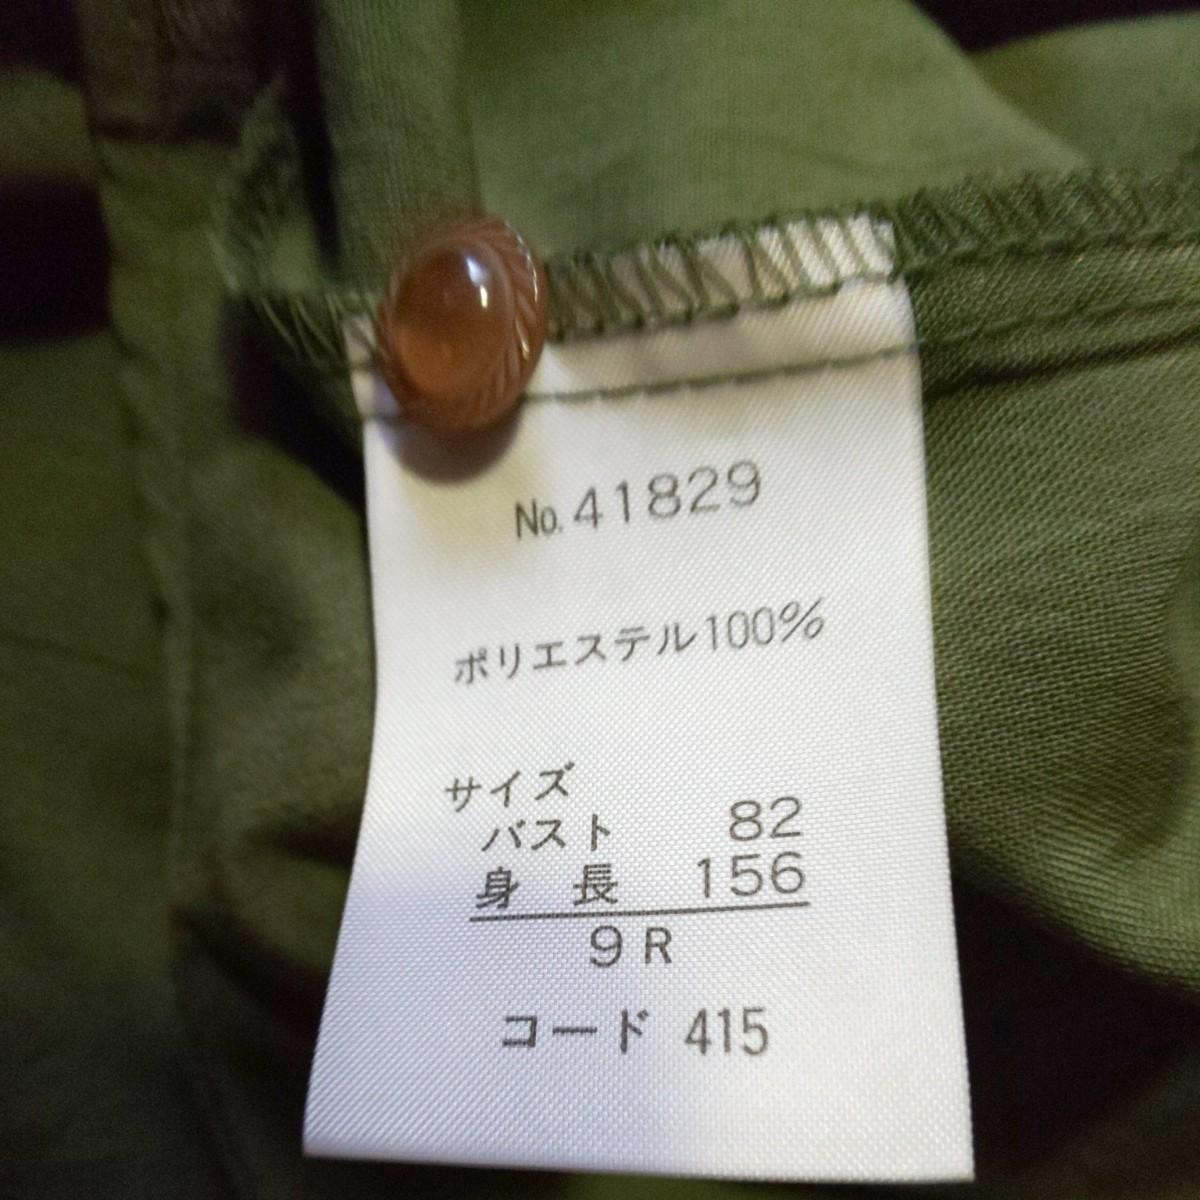 シャツ/カットソー/トップス/9R